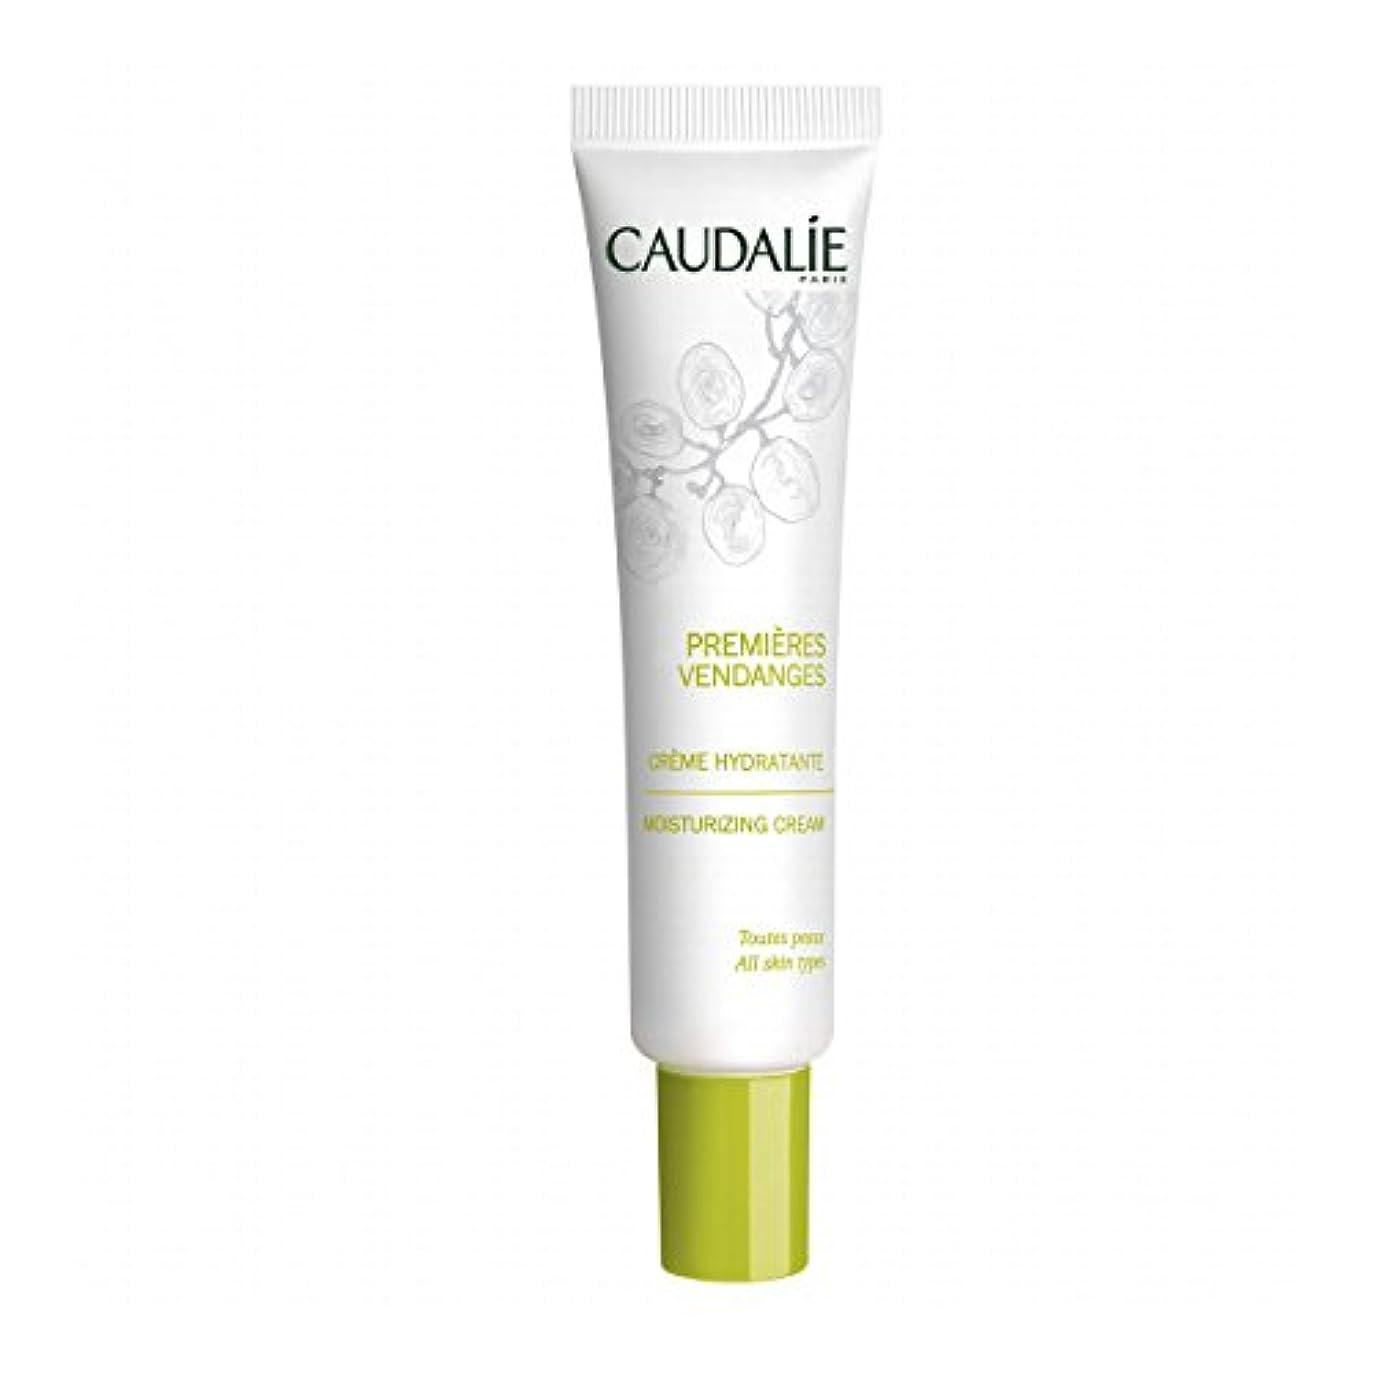 メロドラマティック同情旋回Caudalie Premieres Vendanges Moisturizing Cream 40ml [並行輸入品]